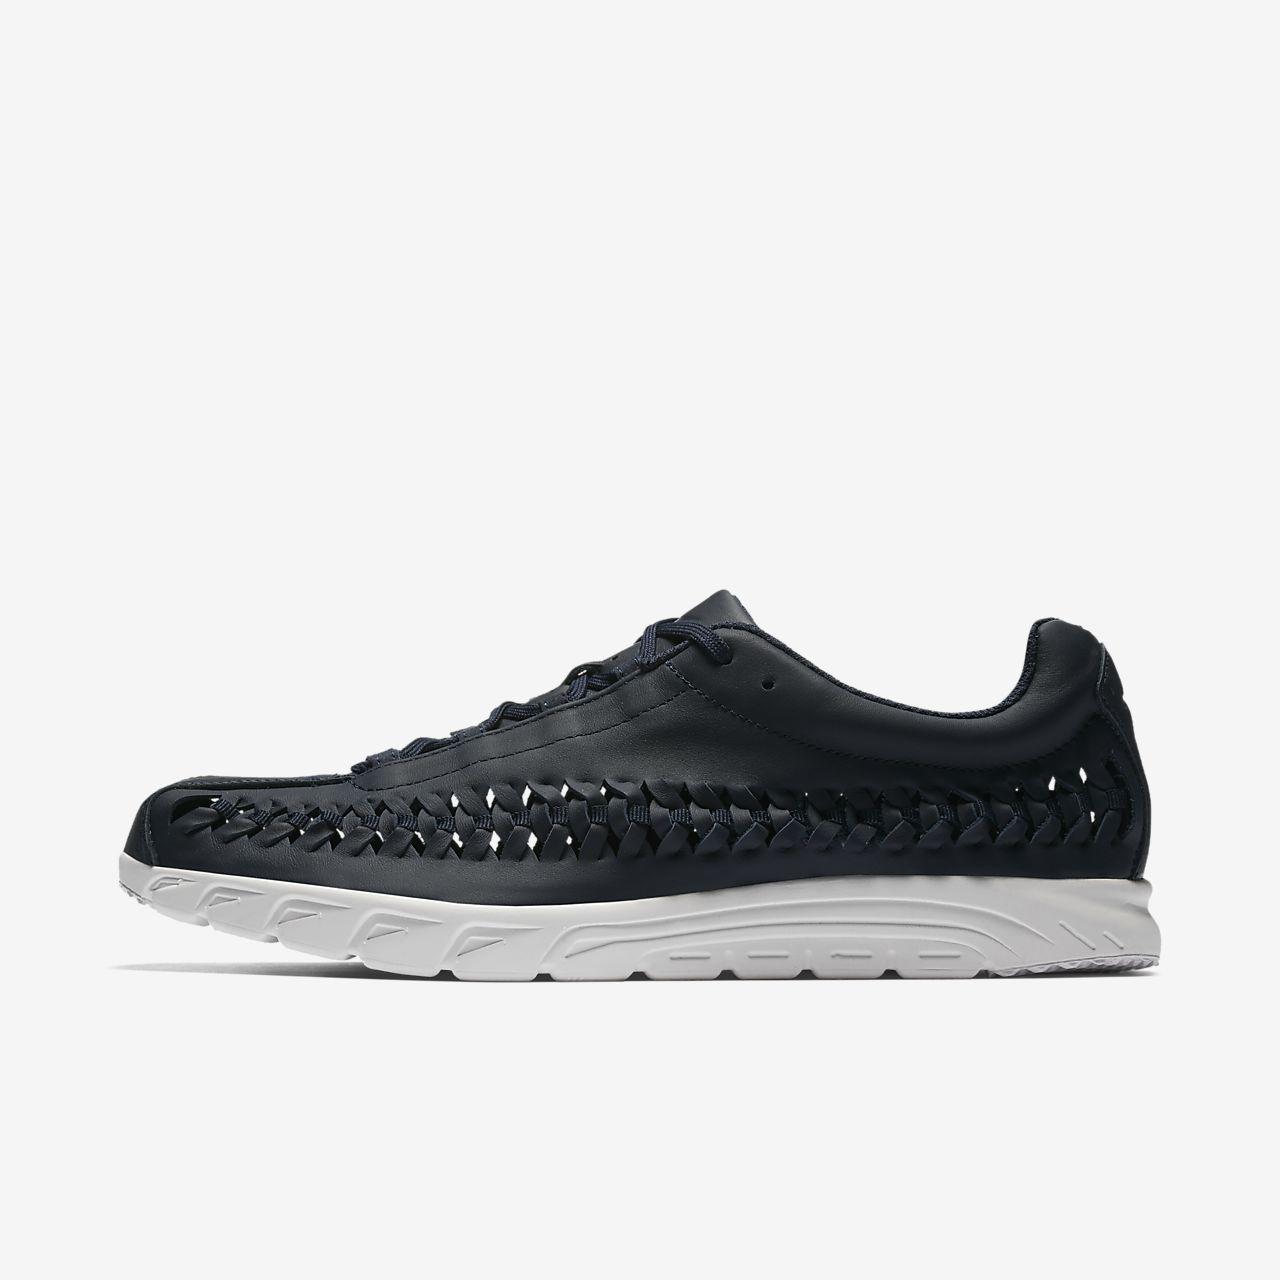 Sko Nike Mayfly Woven för män